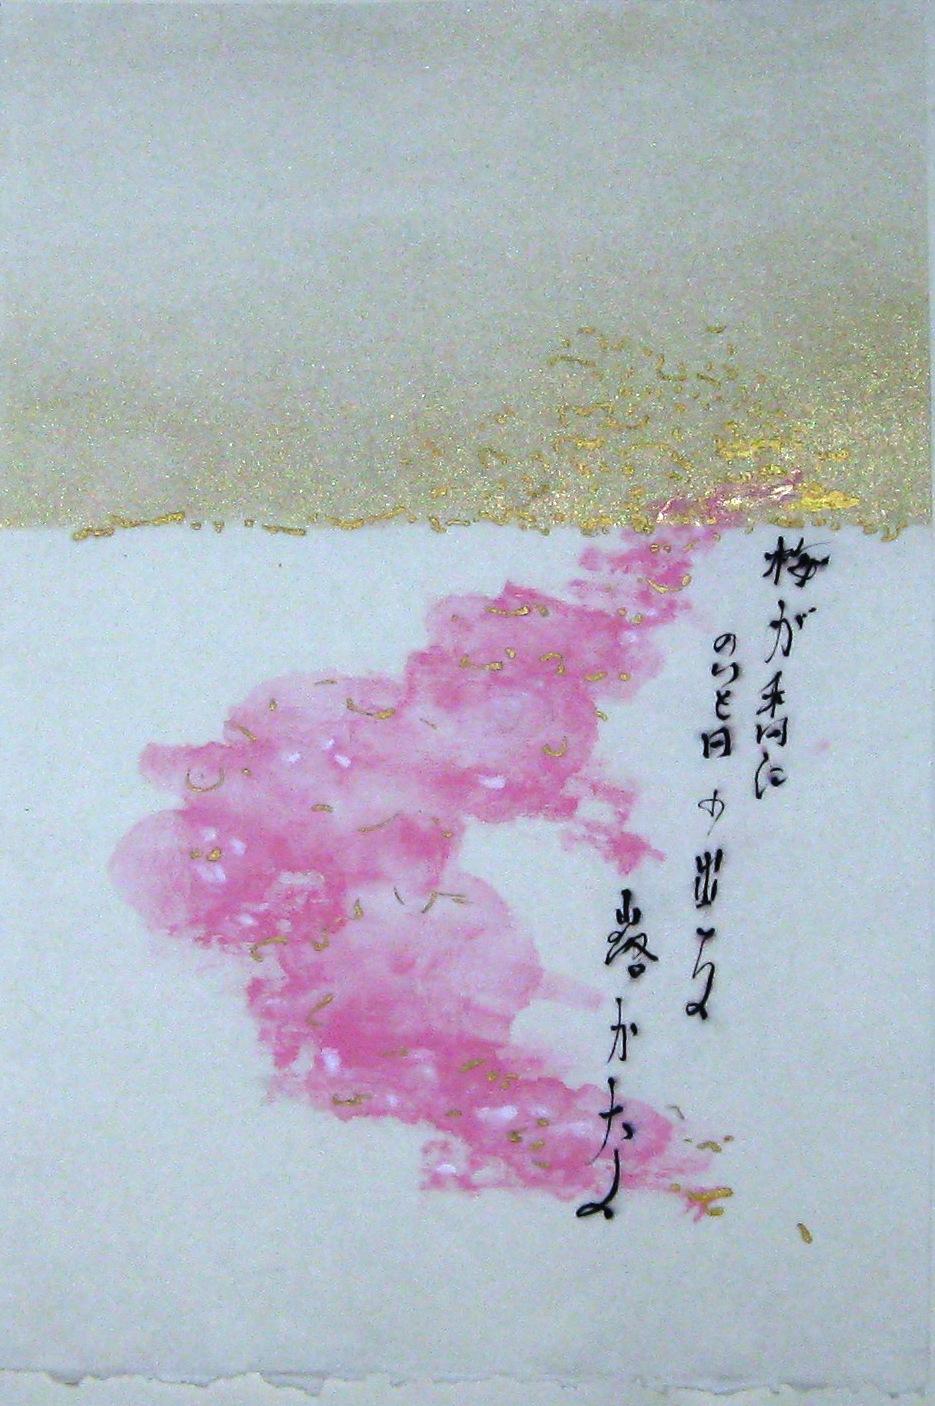 Scent of Petals